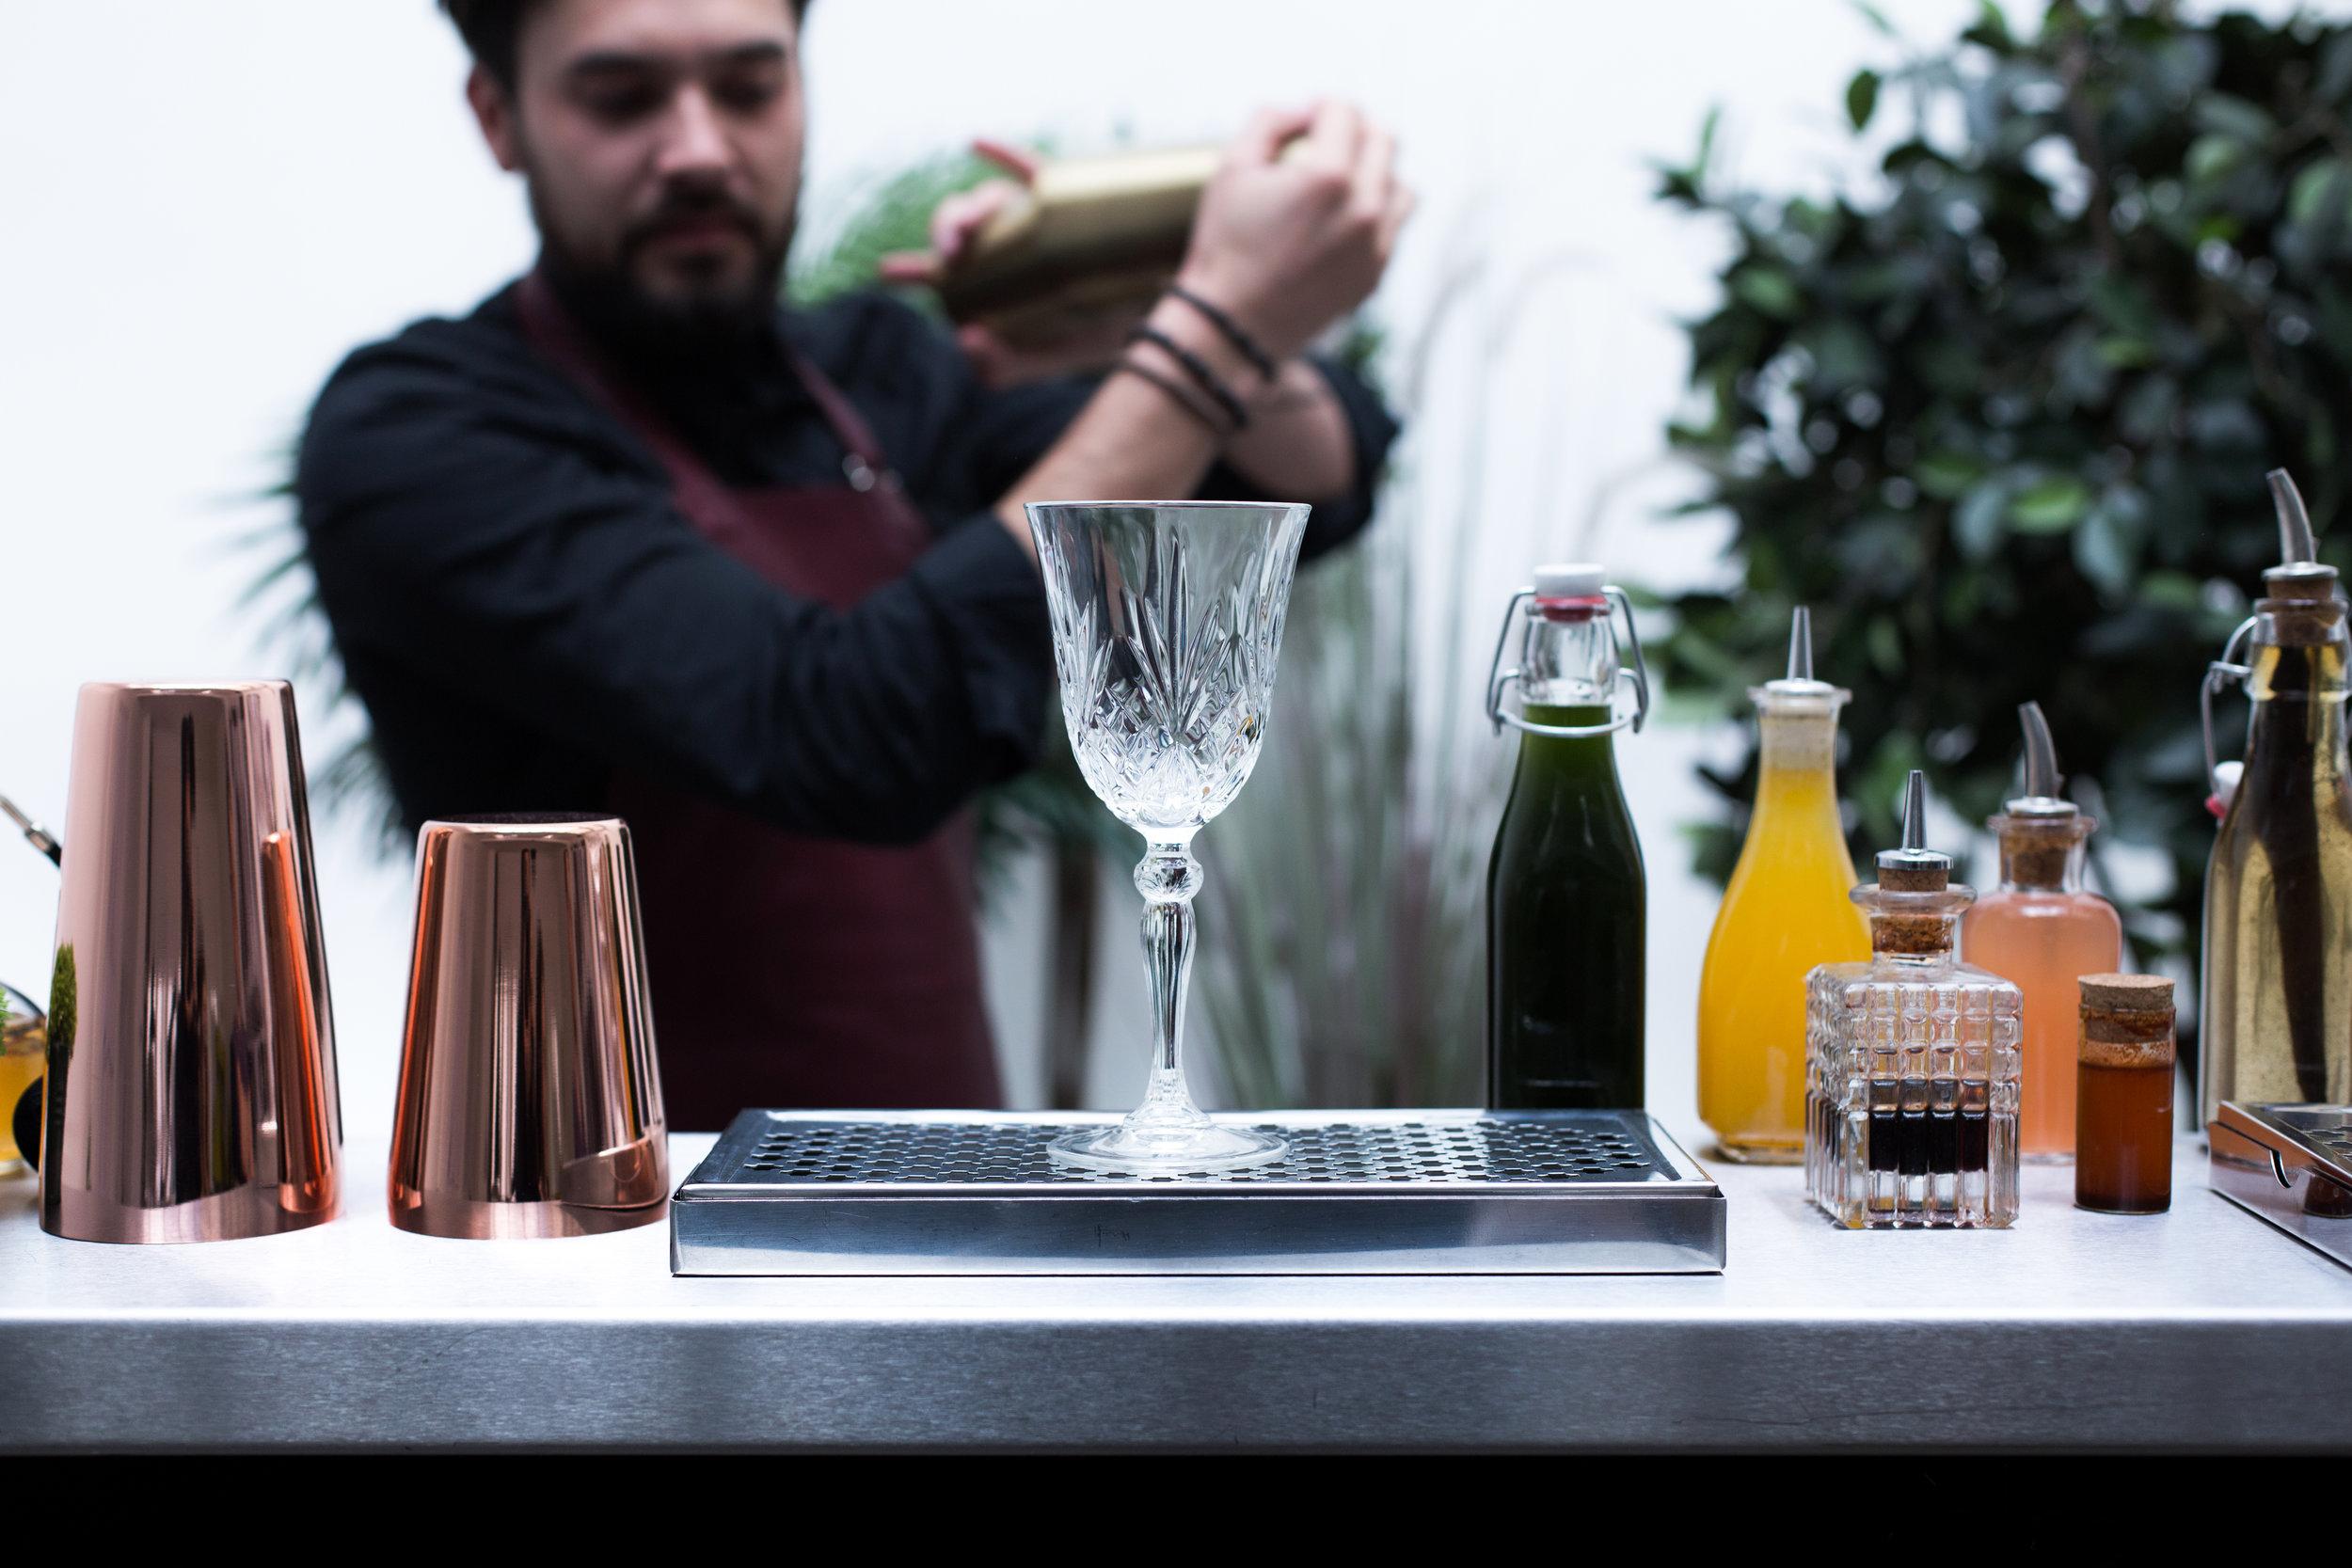 -prestations cocktails- - Evénements privés - Lancements de produits - Journées presse - Conventions - Séminaires- Création de cocktails sur-mesure.- Des bars modulables et personnalisables- Une équipe adaptée à vos besoins- Le tout clé en main